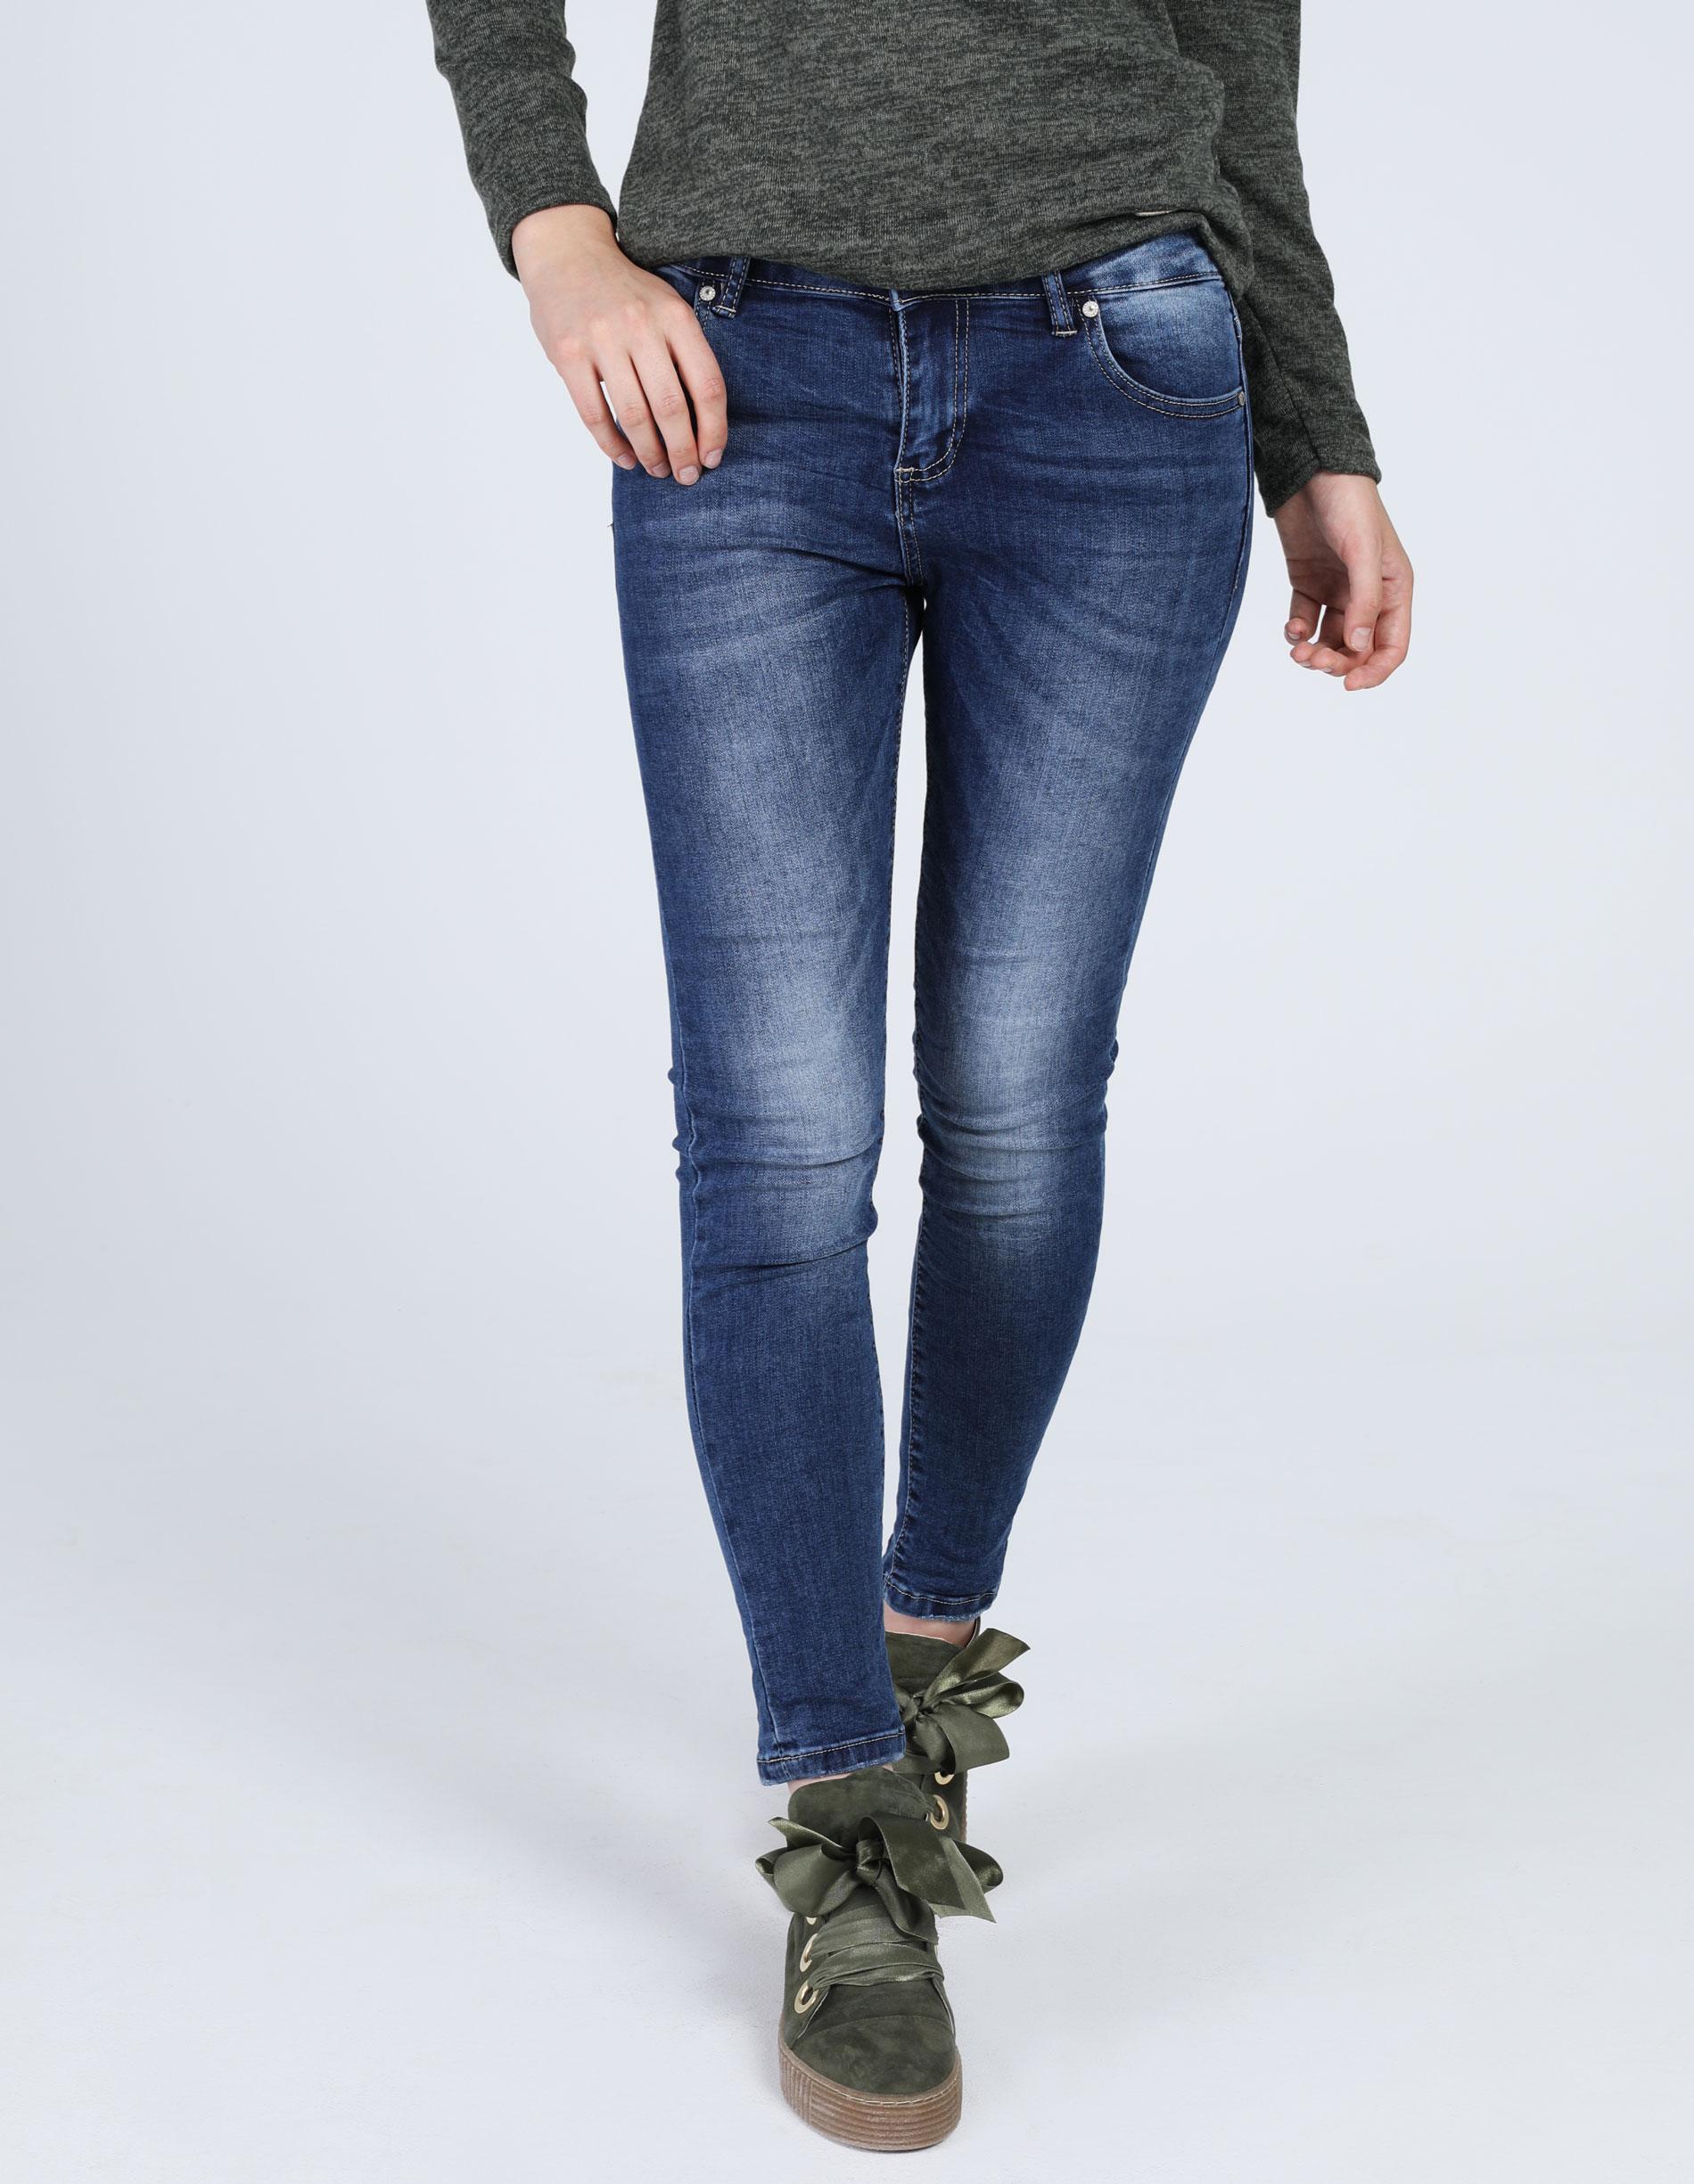 Spodnie - 74-18072 JEAM - Unisono